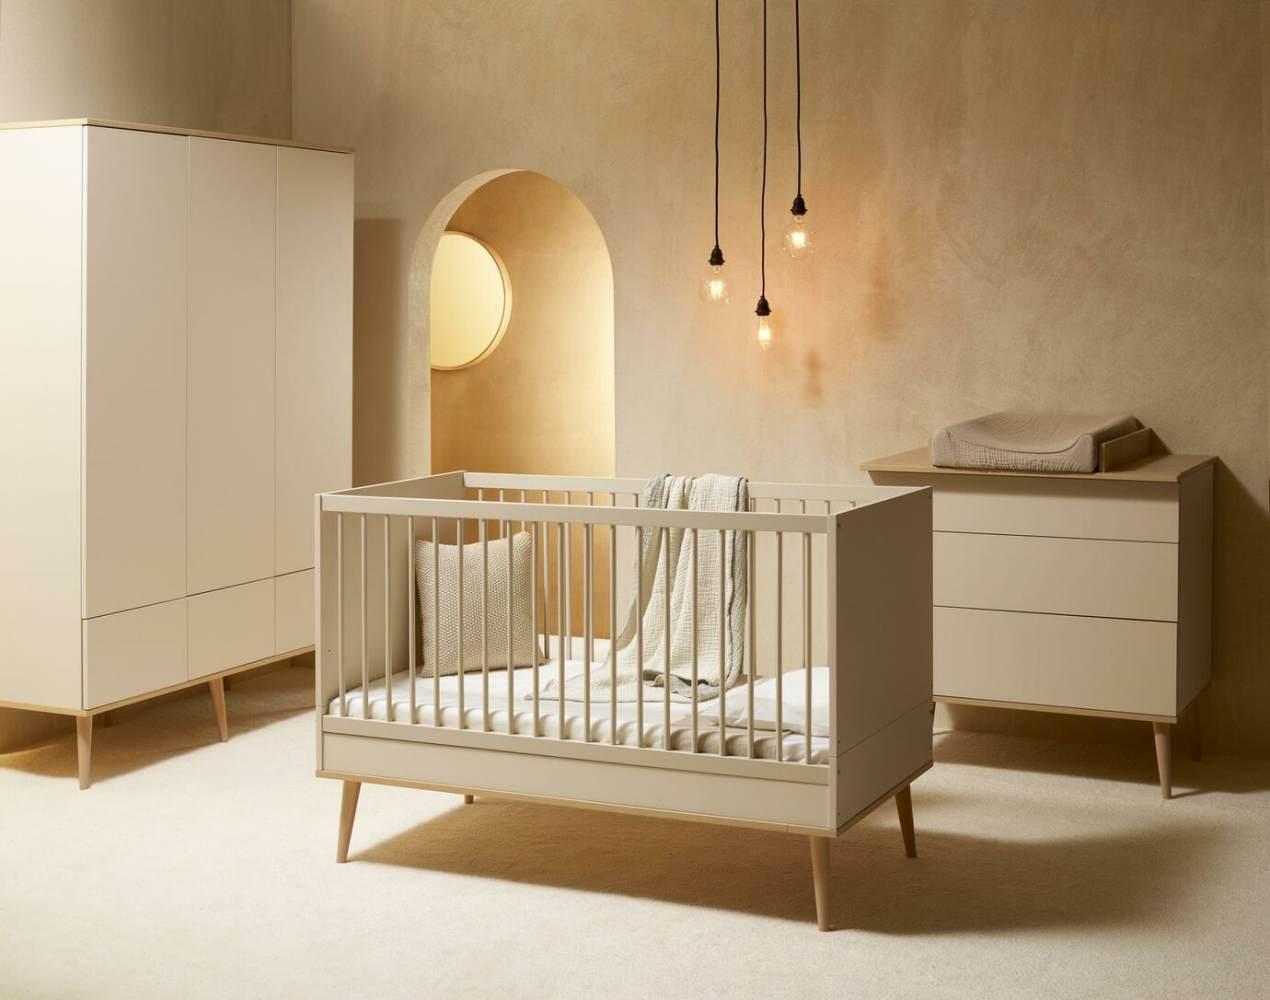 Quax 'Flow' 3-tlg. Kinderzimmerset, Clay & Oak, aus Bett 70 x 140 cm, Wickelkommode und 2-trg. Kleiderschrank Bild 1